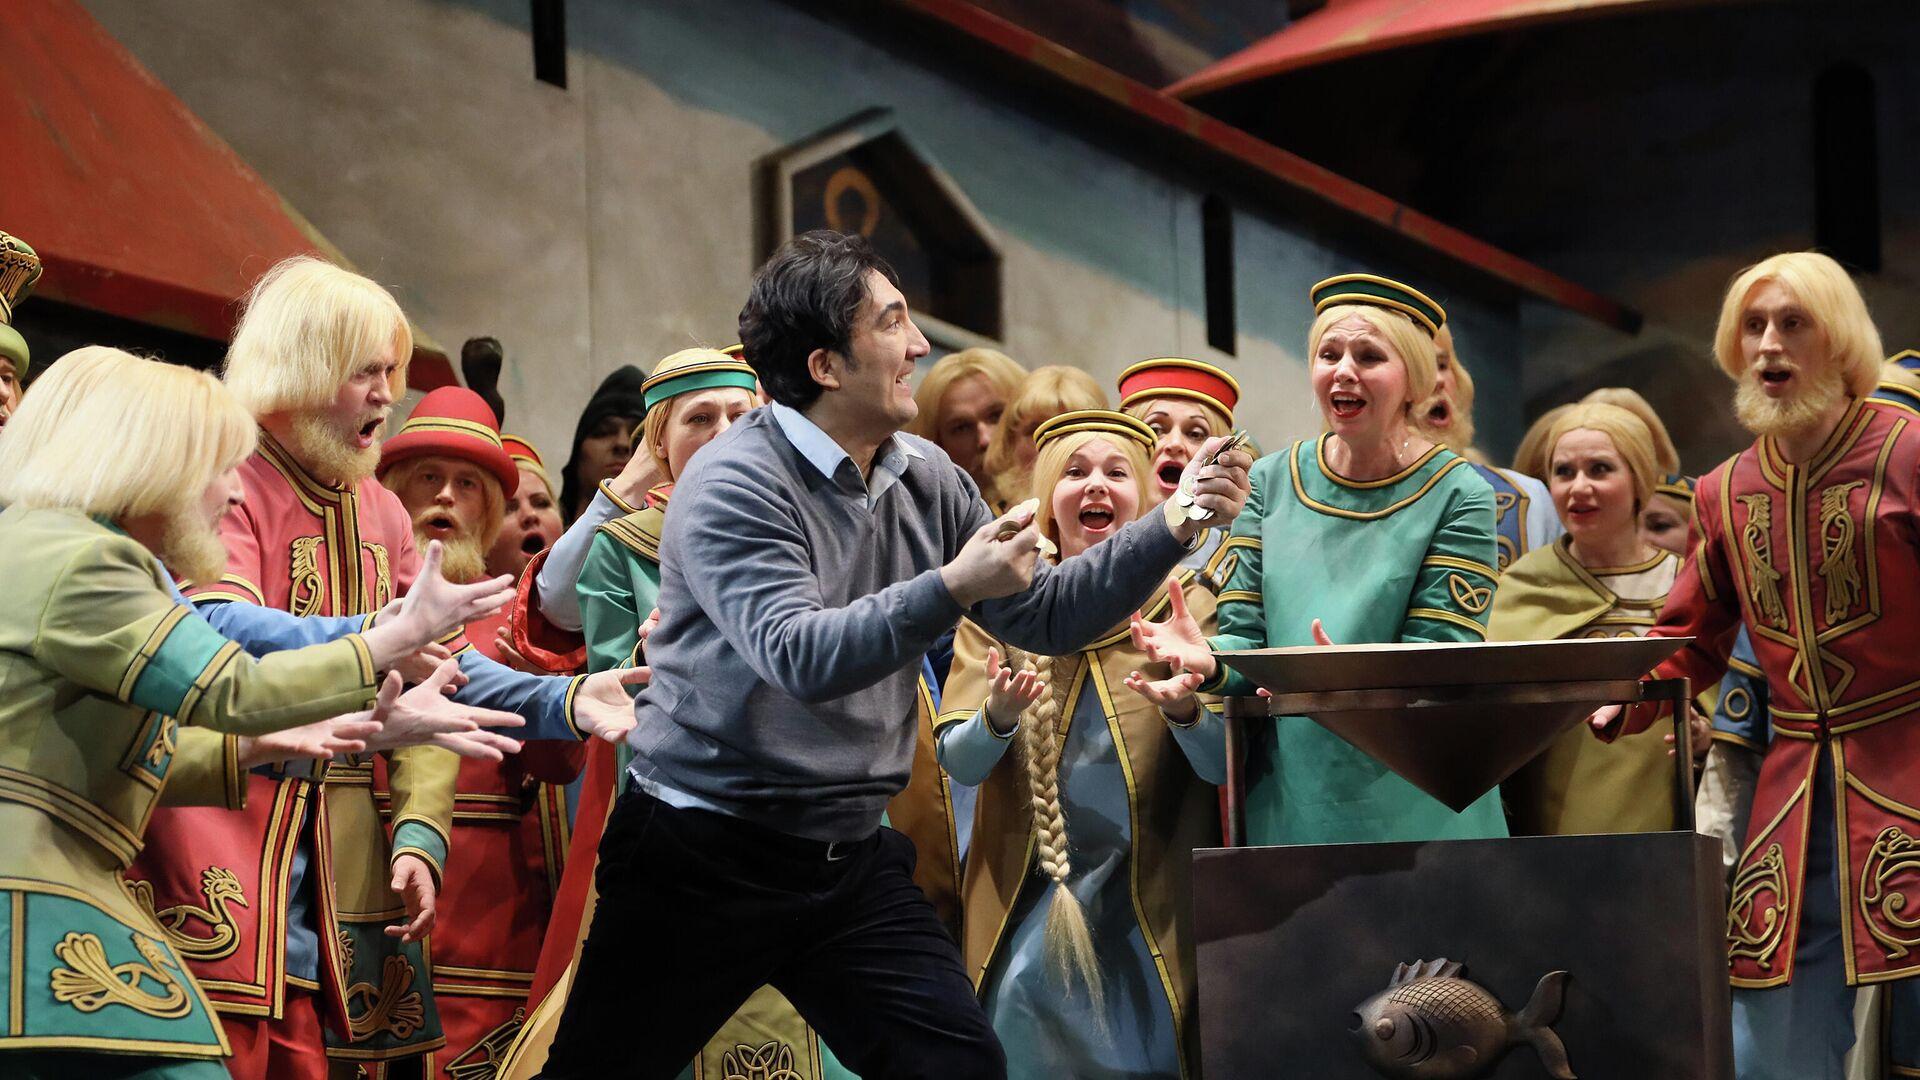 Сцена из оперы Садко в Большом театре - РИА Новости, 1920, 22.04.2021